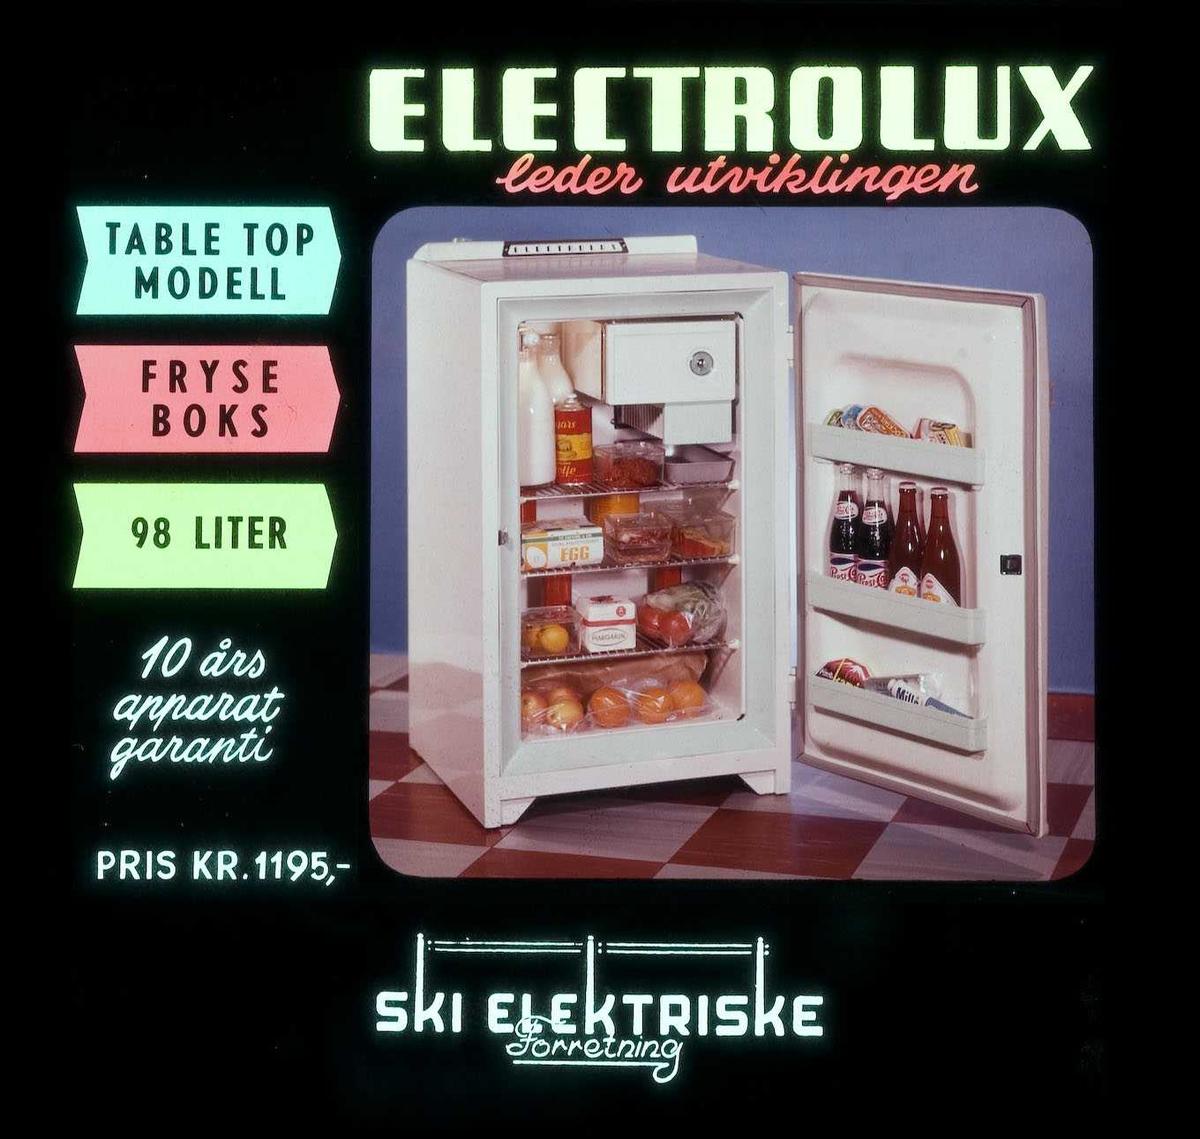 Kinoreklame fra Ski for Electrolux kjøleskap m/fryseboks. Ski elektriske forretning.